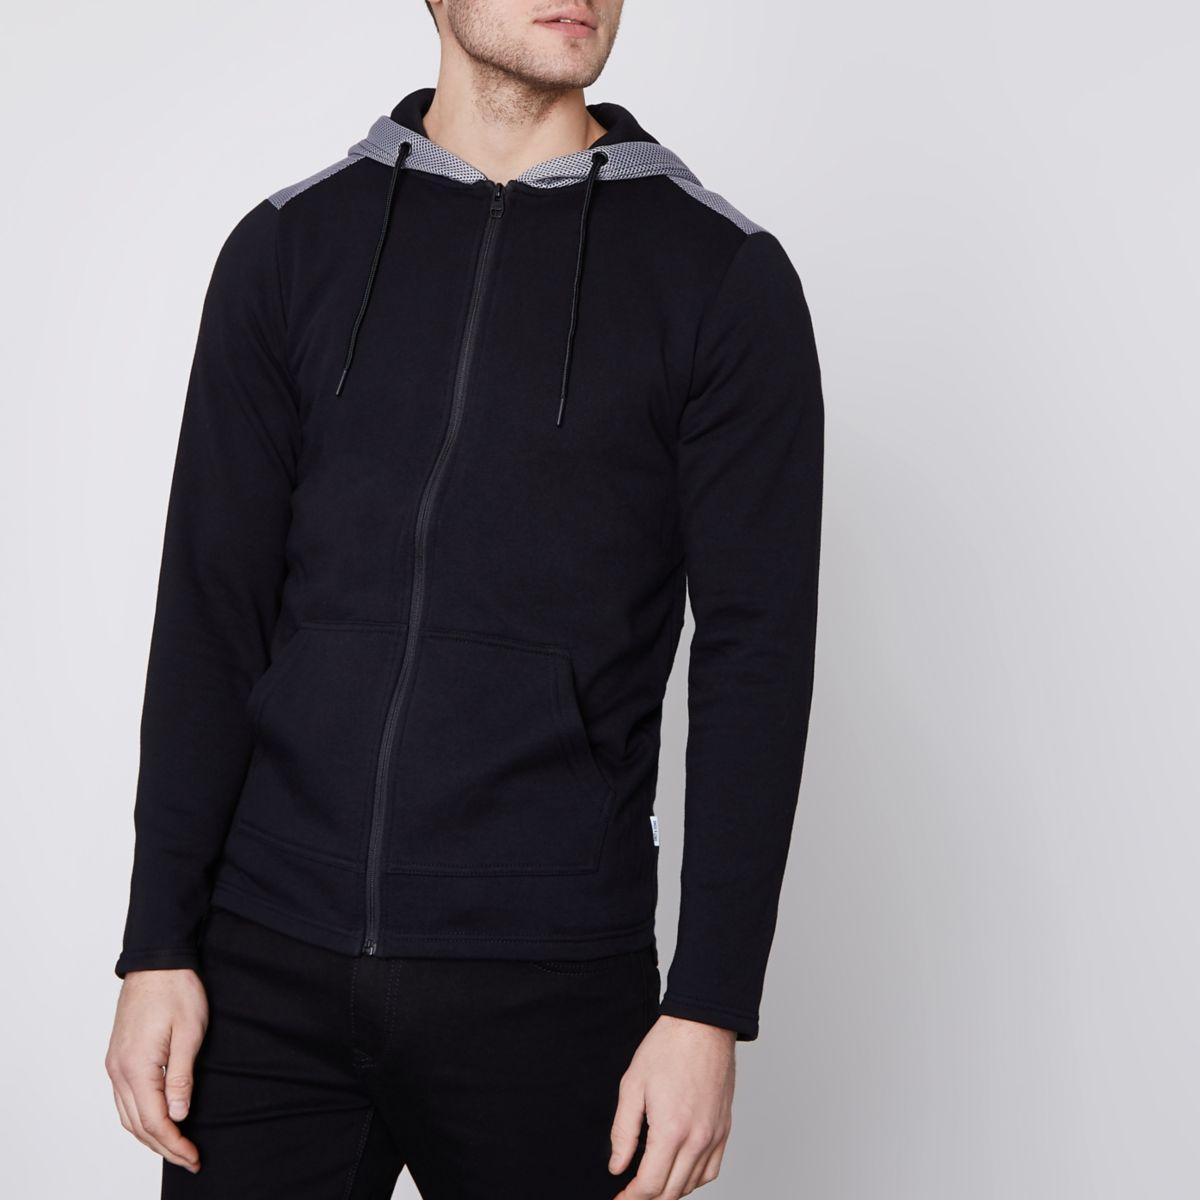 Black Only & Sons mesh zip up hoodie